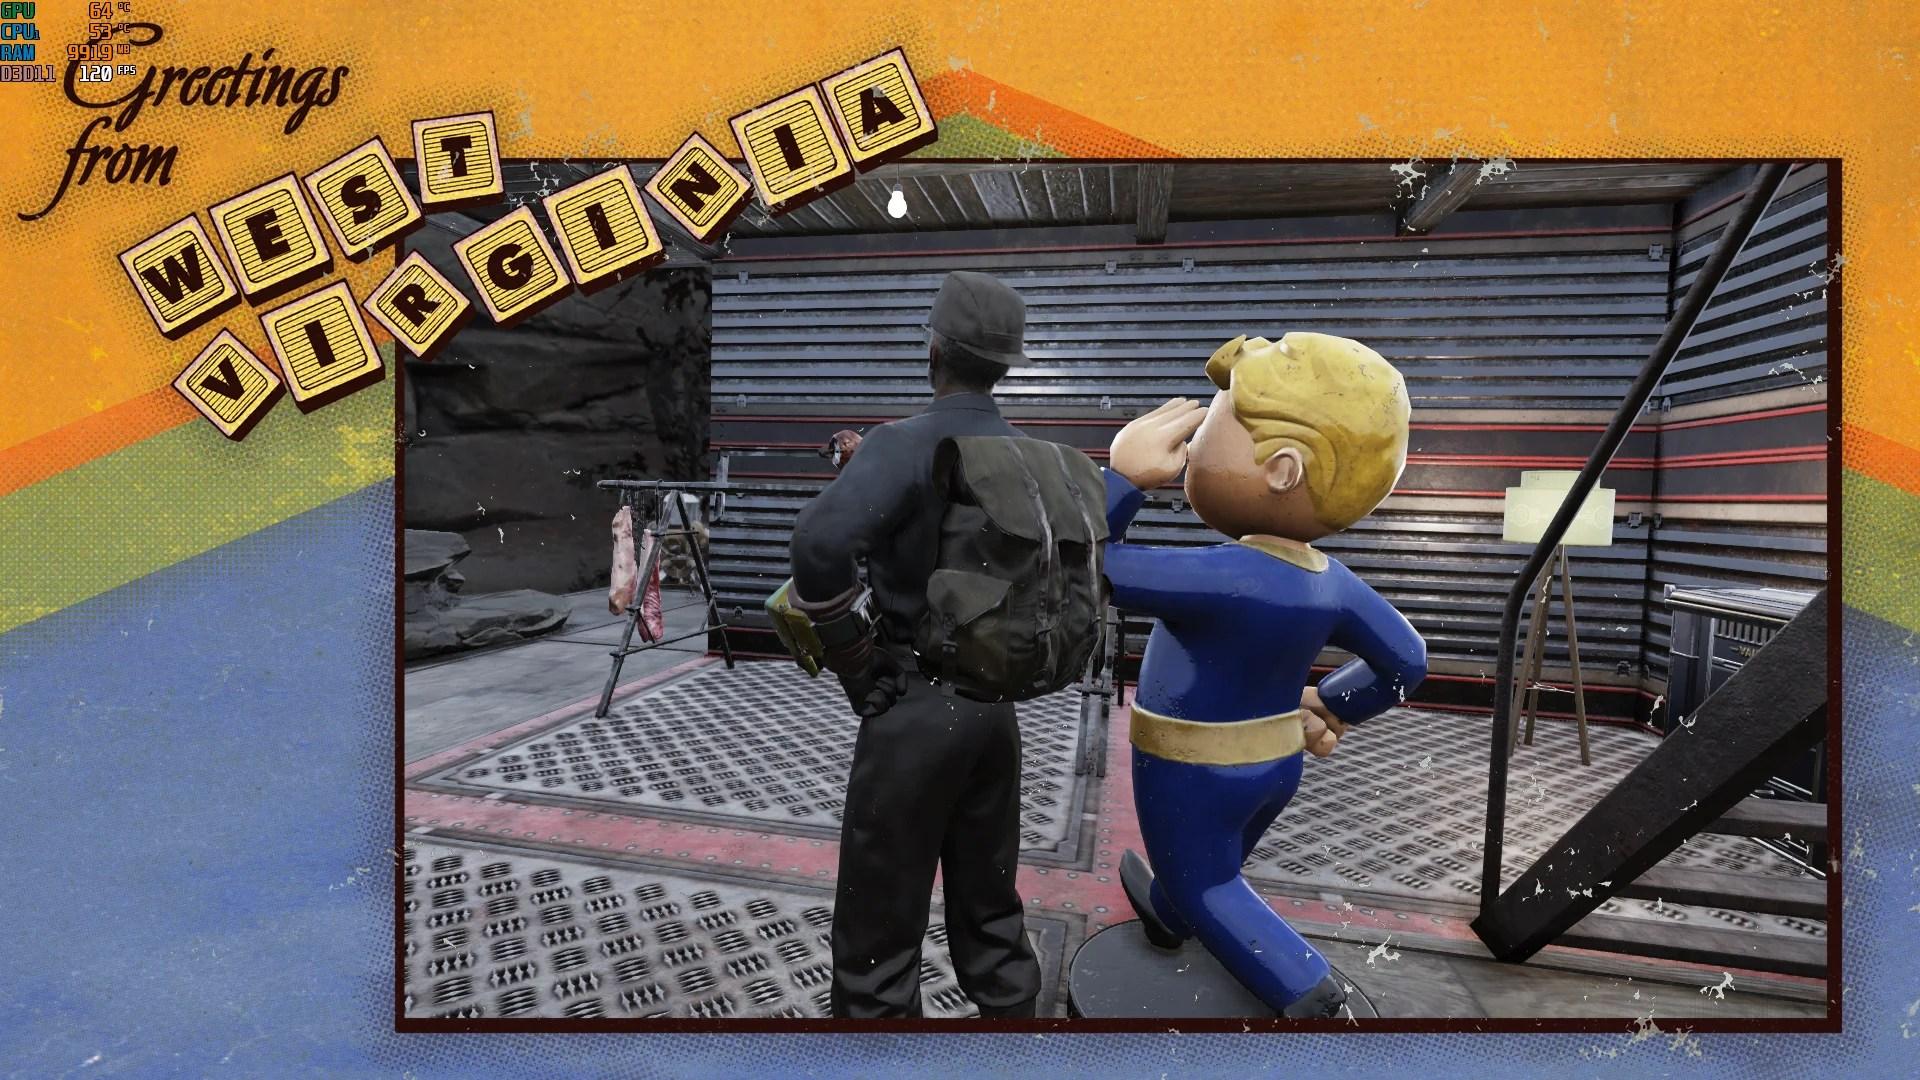 【Fallout76】スモールバックパックの入手方法について解説【フォールアウト76】